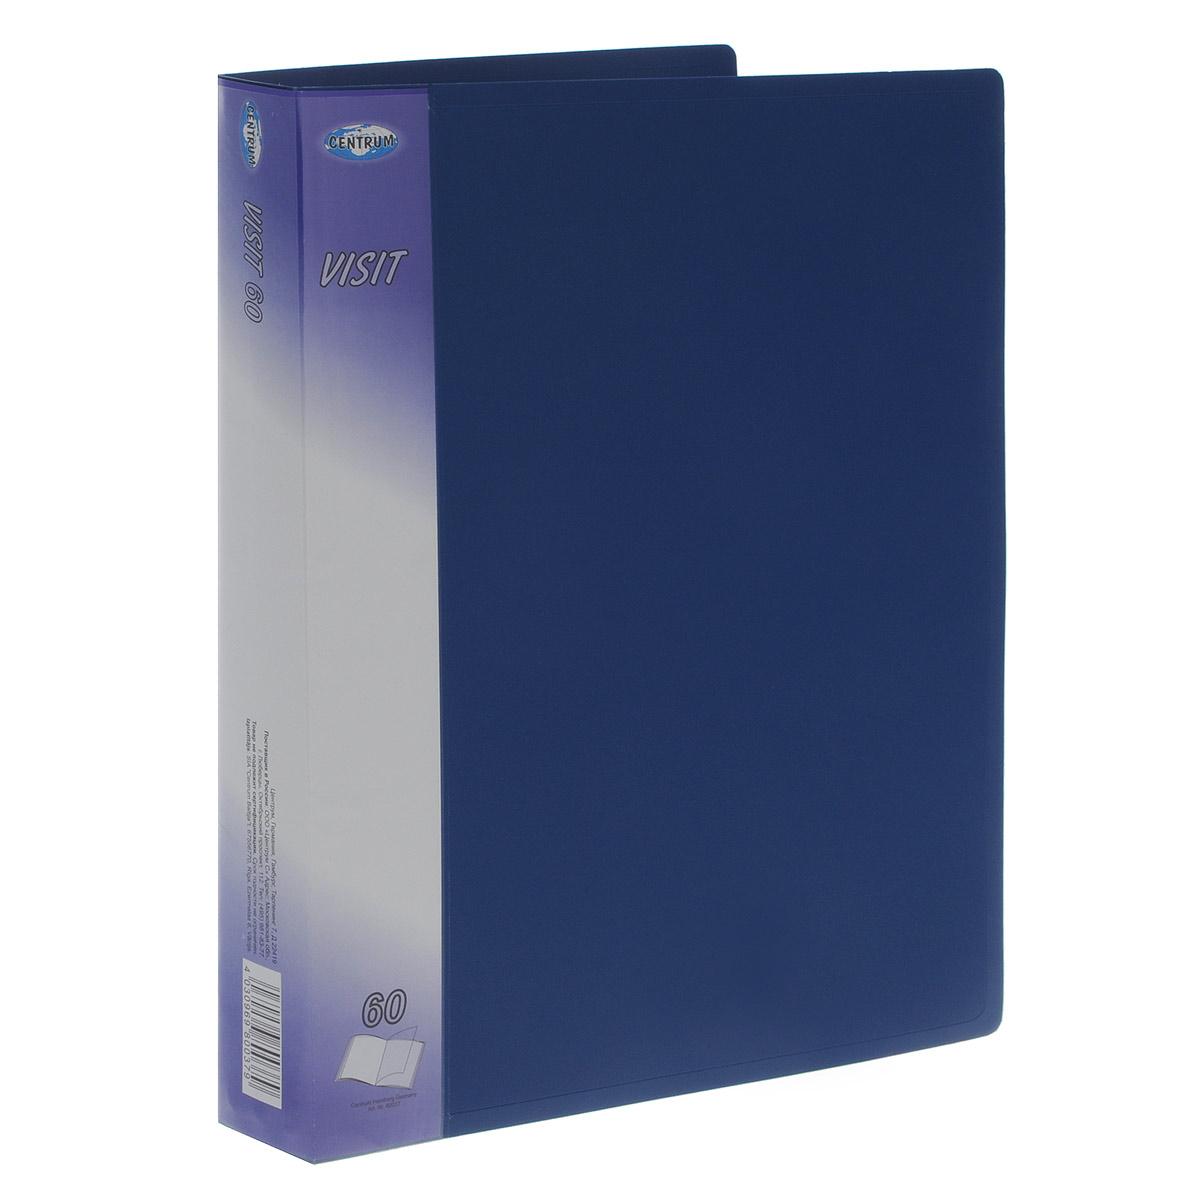 Папка с файлами Centrum Visit, на 60 файлов, цвет: синий. Формат А480037СПапка Centrum Visit - это удобный и функциональный инструмент, предназначенный для хранения и транспортировки бумаг и документов формата А4. Обложка папки изготовлена из прочного непрозрачного пластика. Папка включает в себя 60 прозрачных файлов формата А4. Папка надежно сохранит ваши бумаги и сбережет их от повреждений, влаги и пыли.